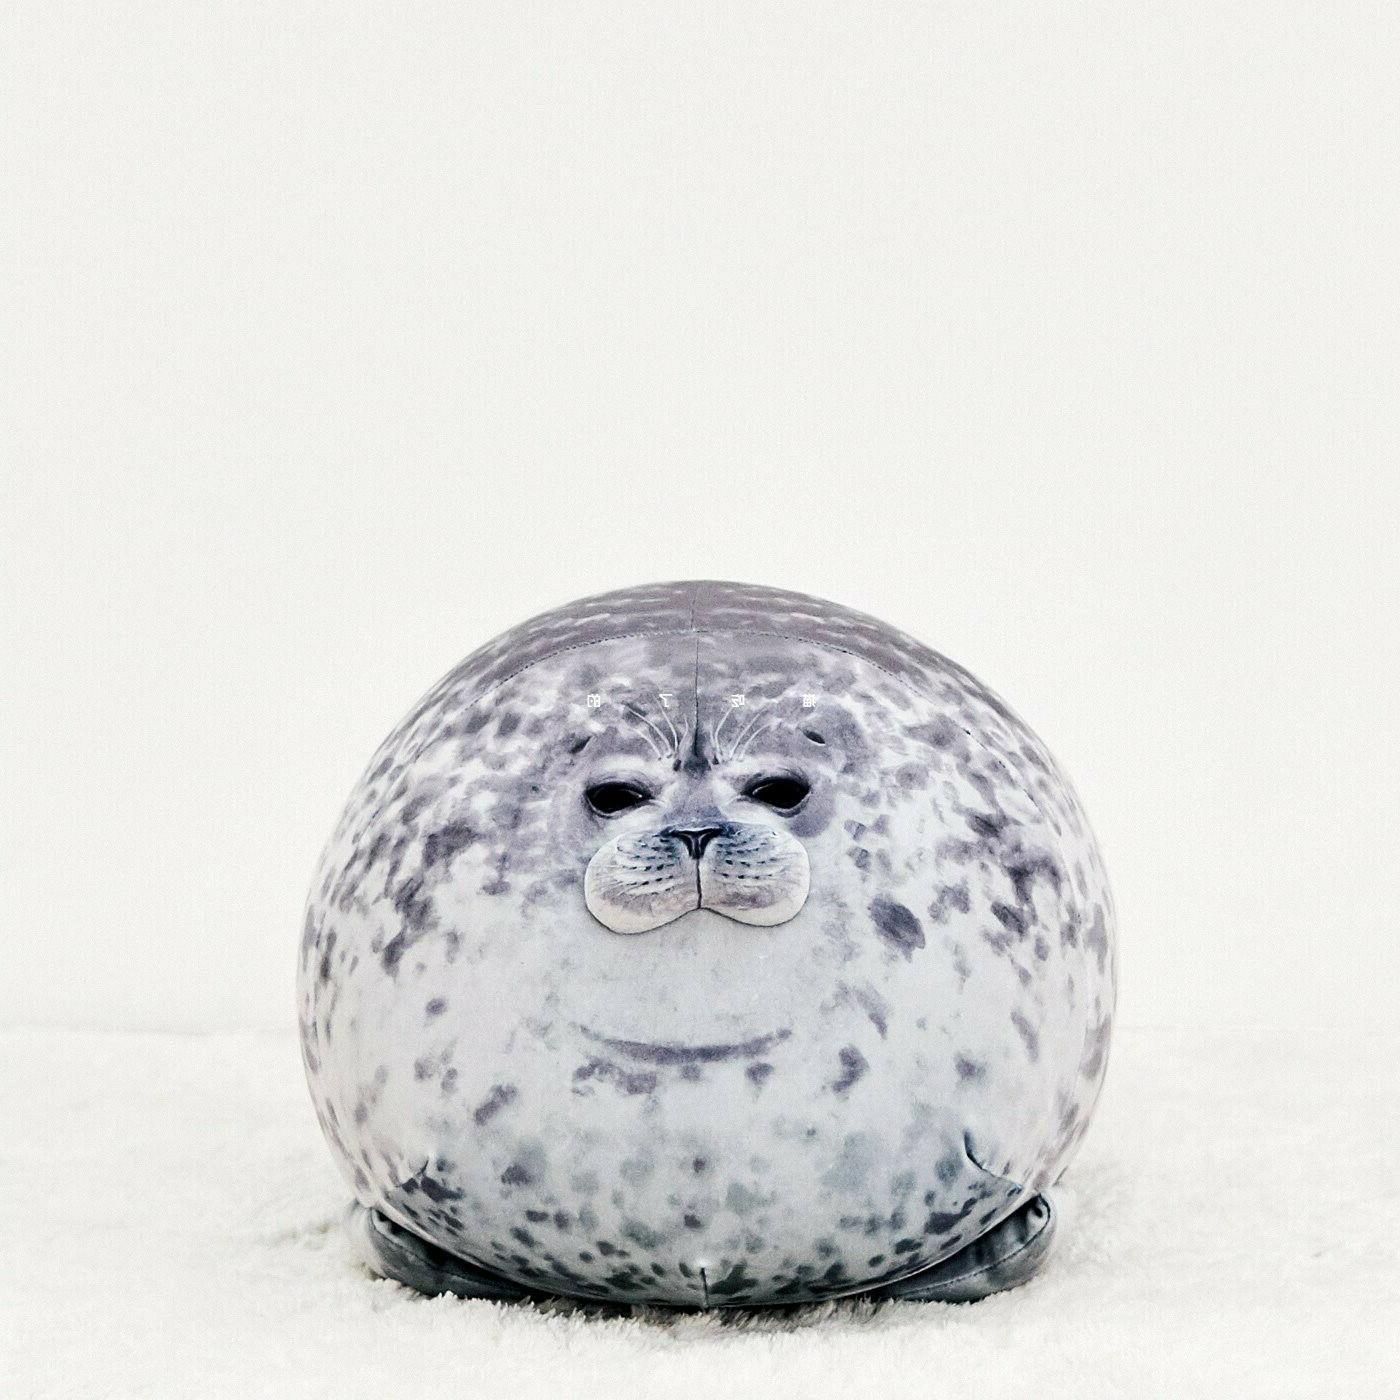 30cm Blob Plush Ocean Pillow Doll